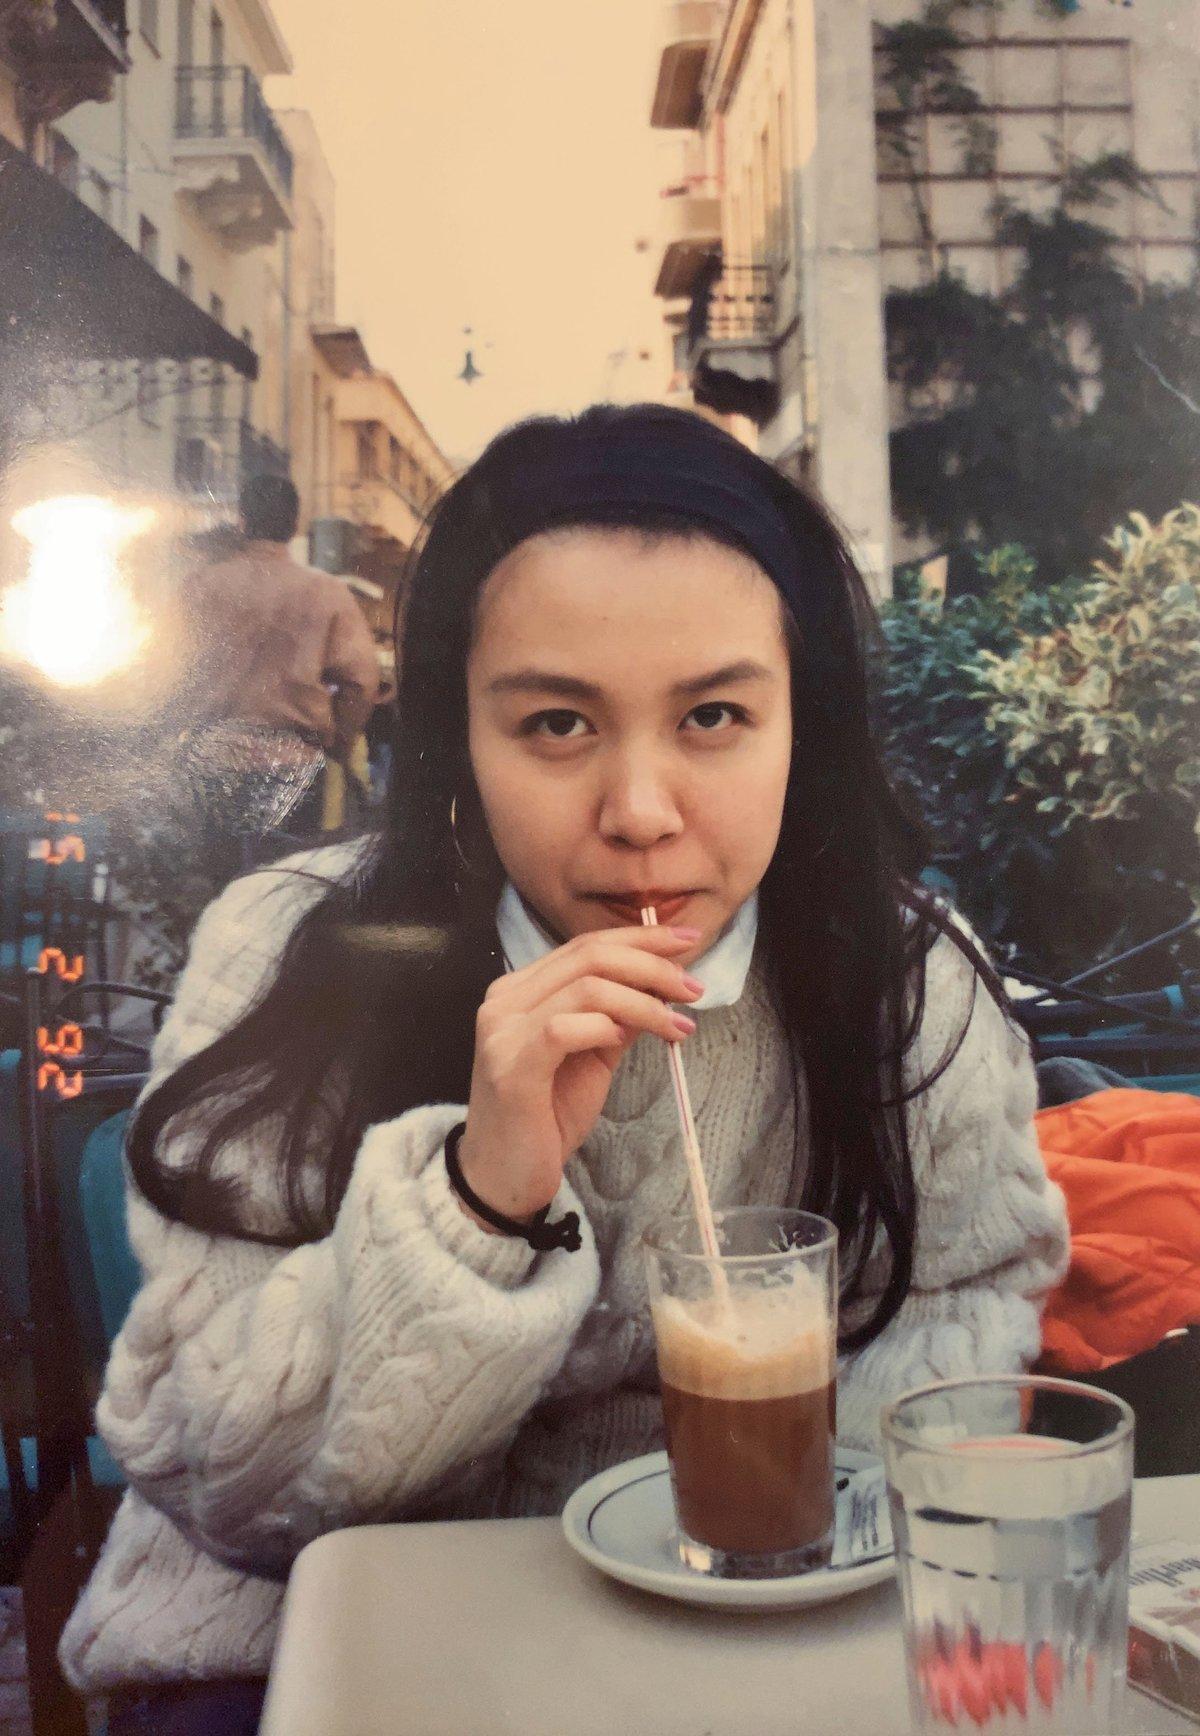 死への思い「NHK番組観て」傾斜か 「安楽死」のALS女性、主治医が ...